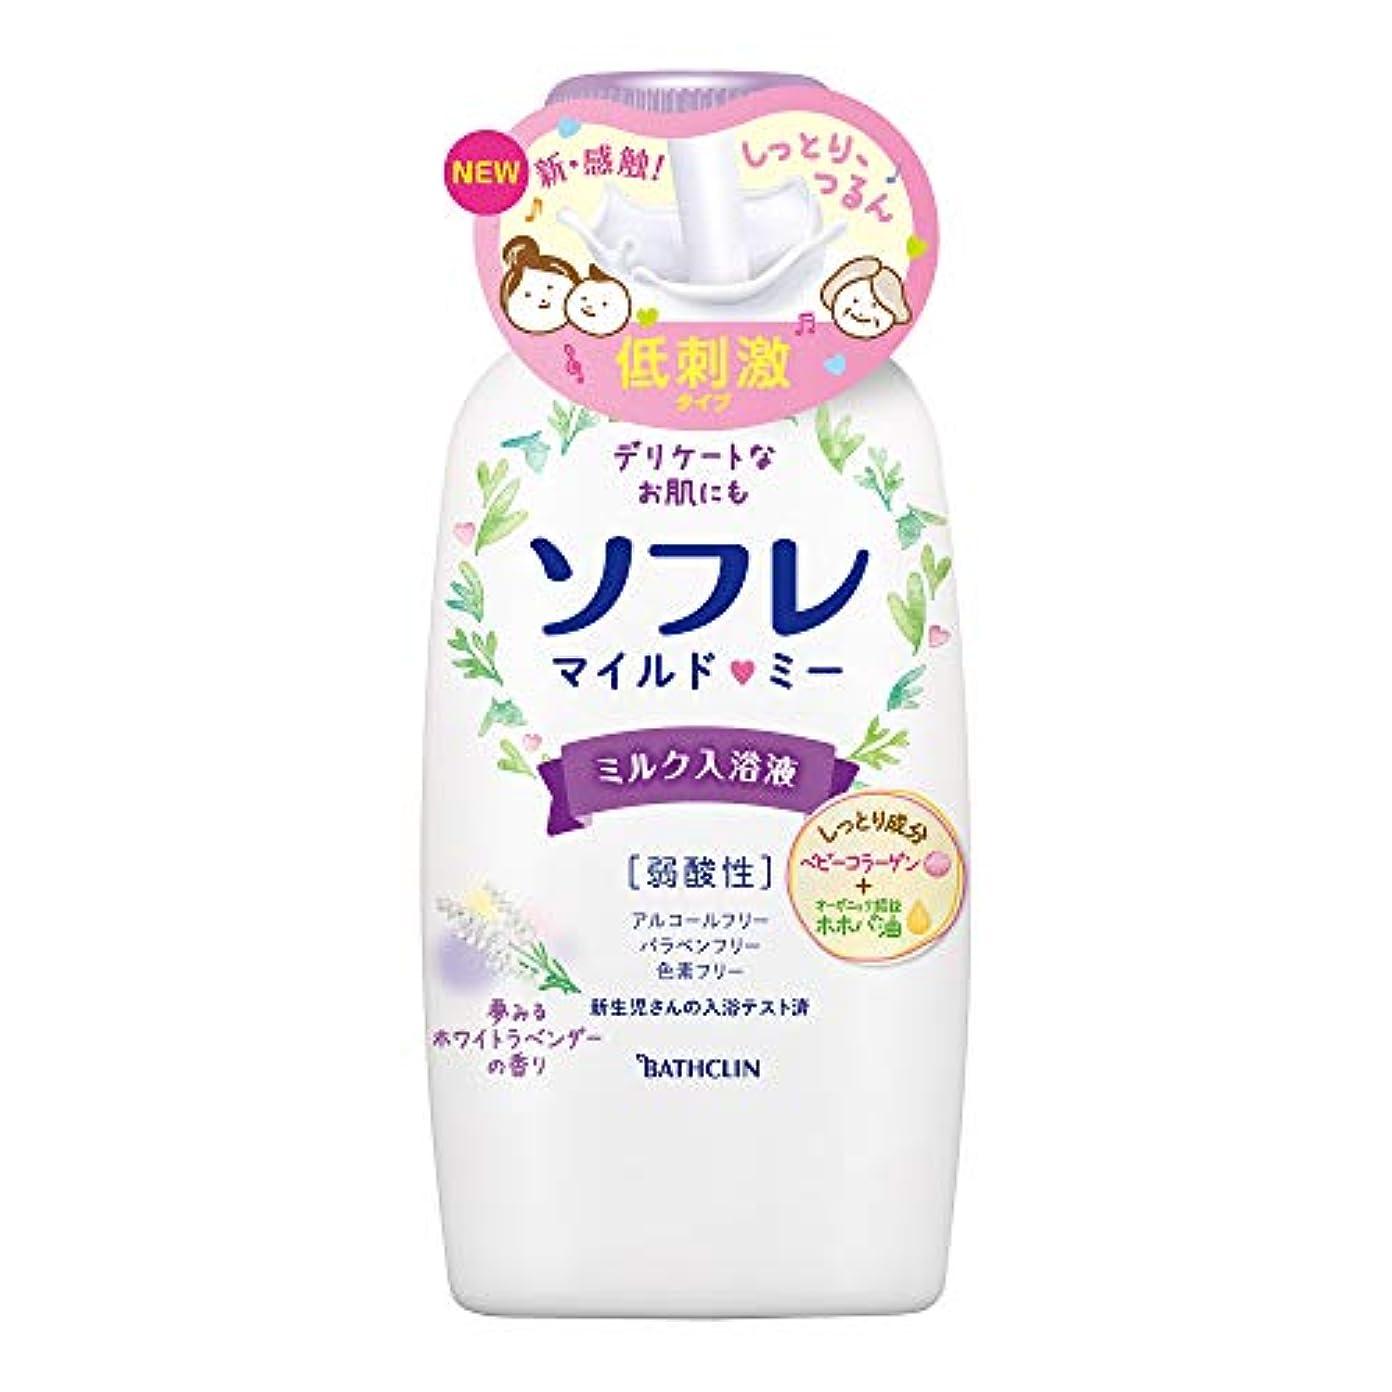 シーボード自分のために動物園バスクリン ソフレ入浴液 マイルド?ミー ミルク 夢みるホワイトラベンダーの香り 本体720mL保湿 成分配合 赤ちゃんと一緒に使えます。